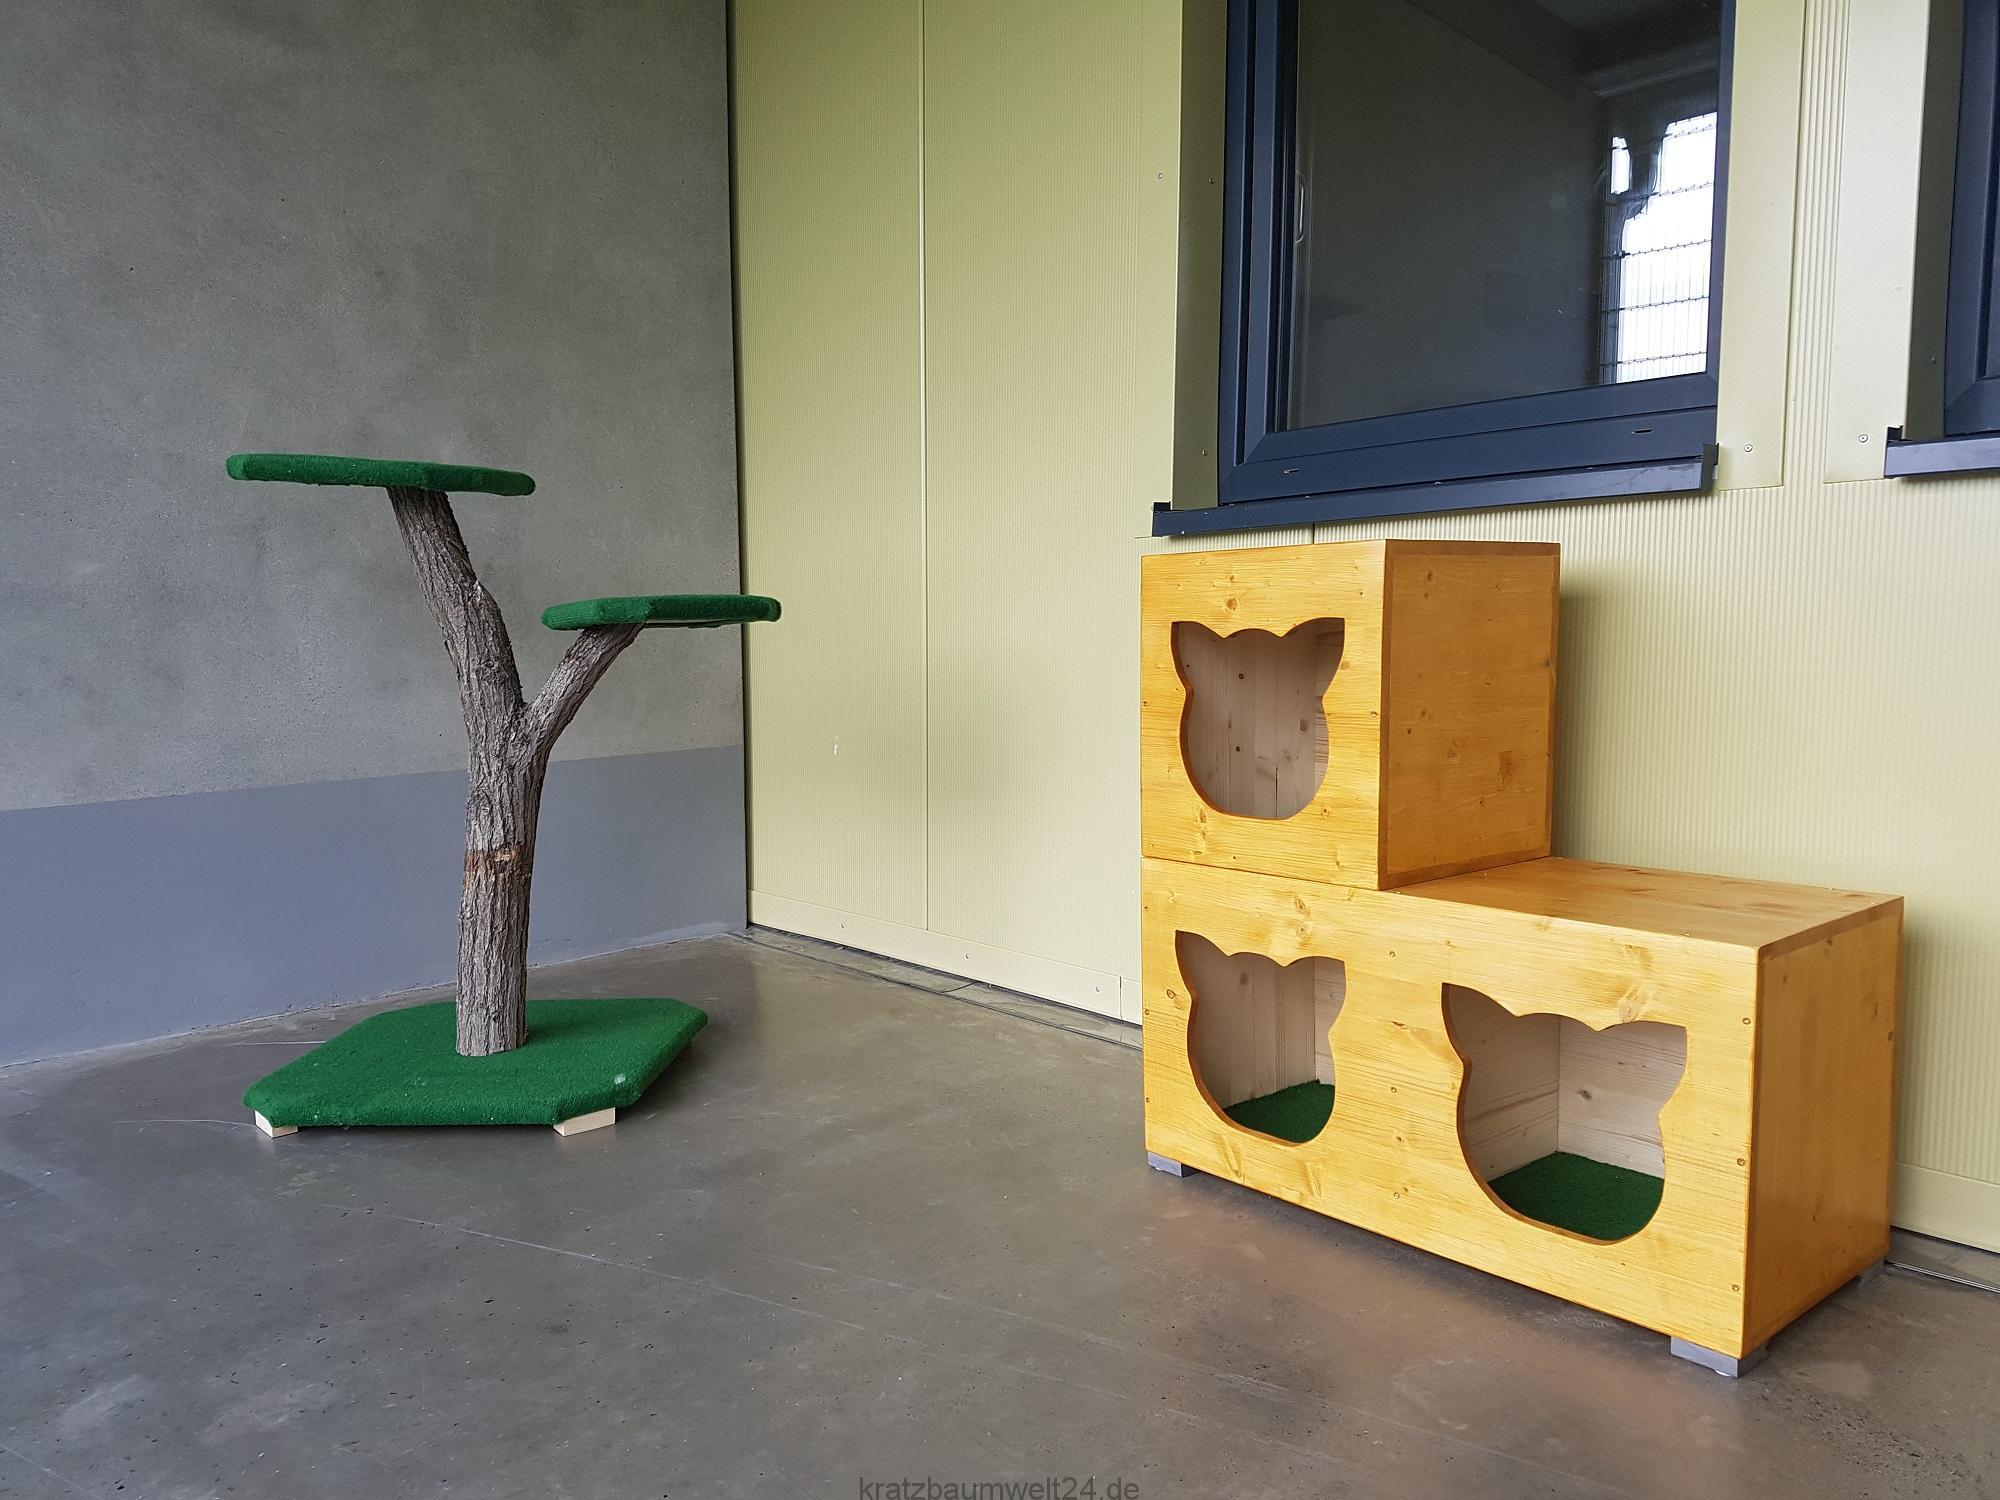 kratzbaum outdoor trixie kratzbaum lelia f r katzen kratzbaum outdoor in graub nden kaufen. Black Bedroom Furniture Sets. Home Design Ideas